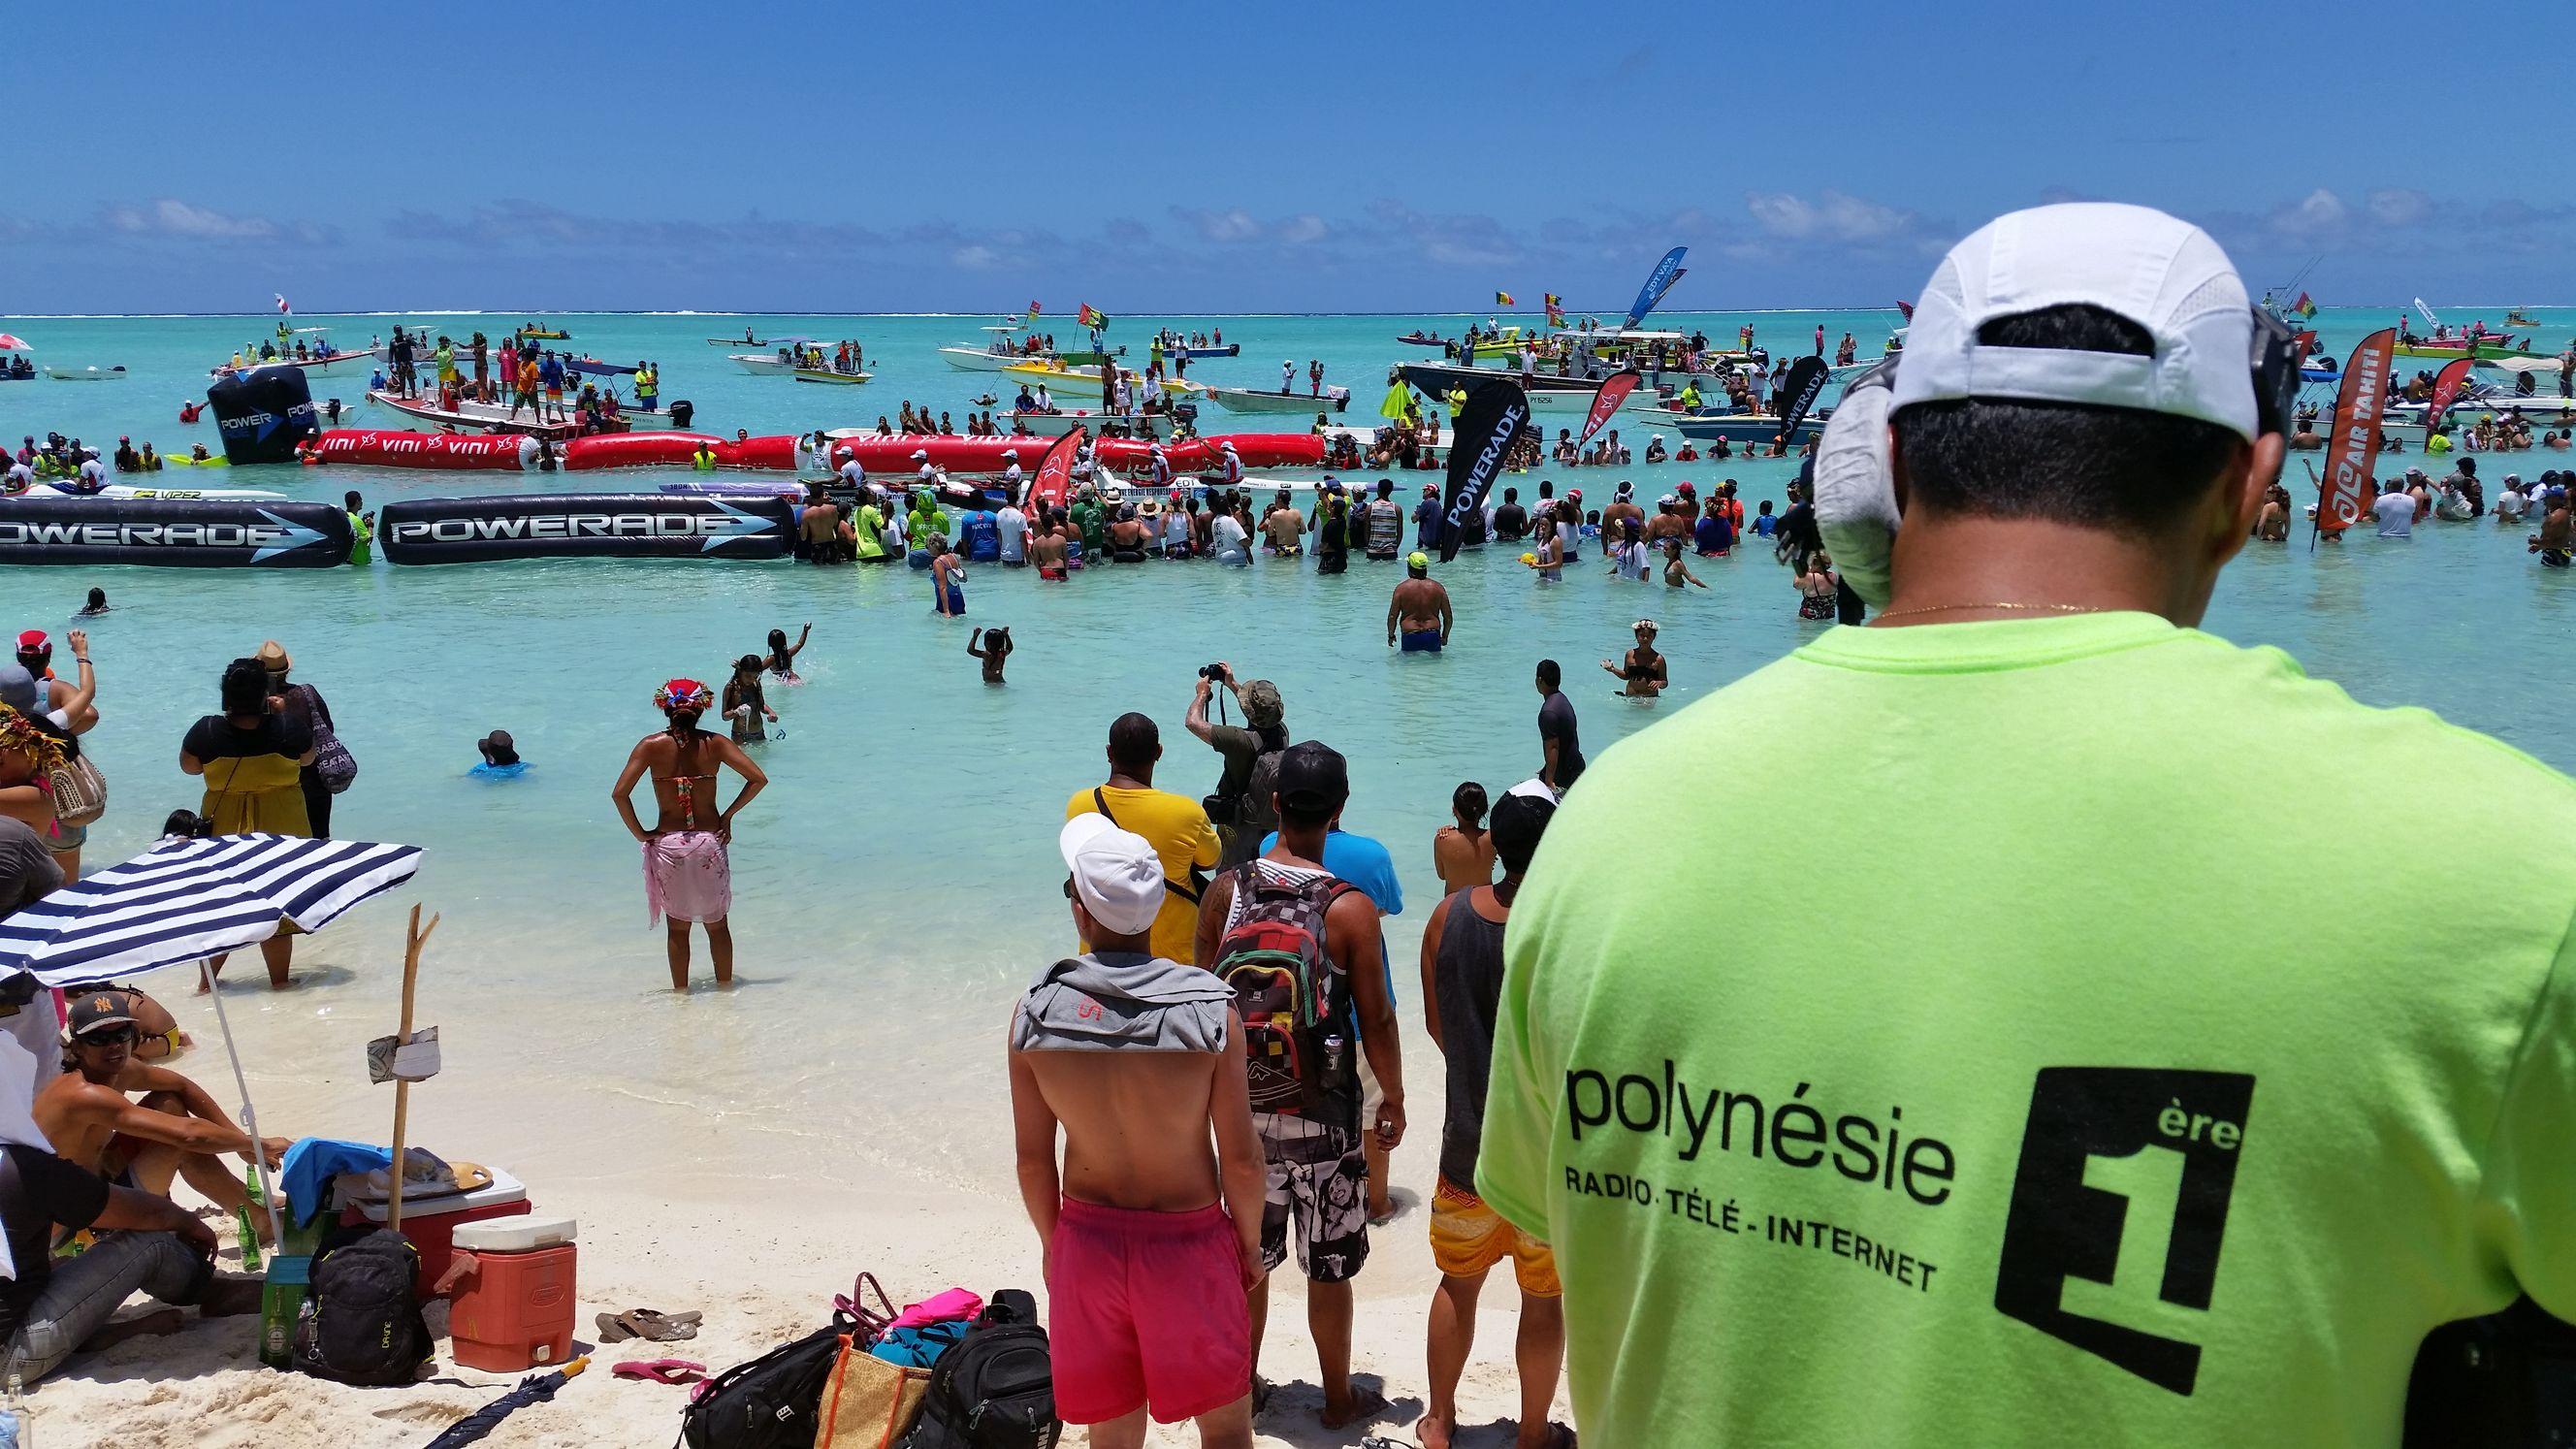 Polynésie 1ère entend être la chaîne événementielle dans tous les secteurs.